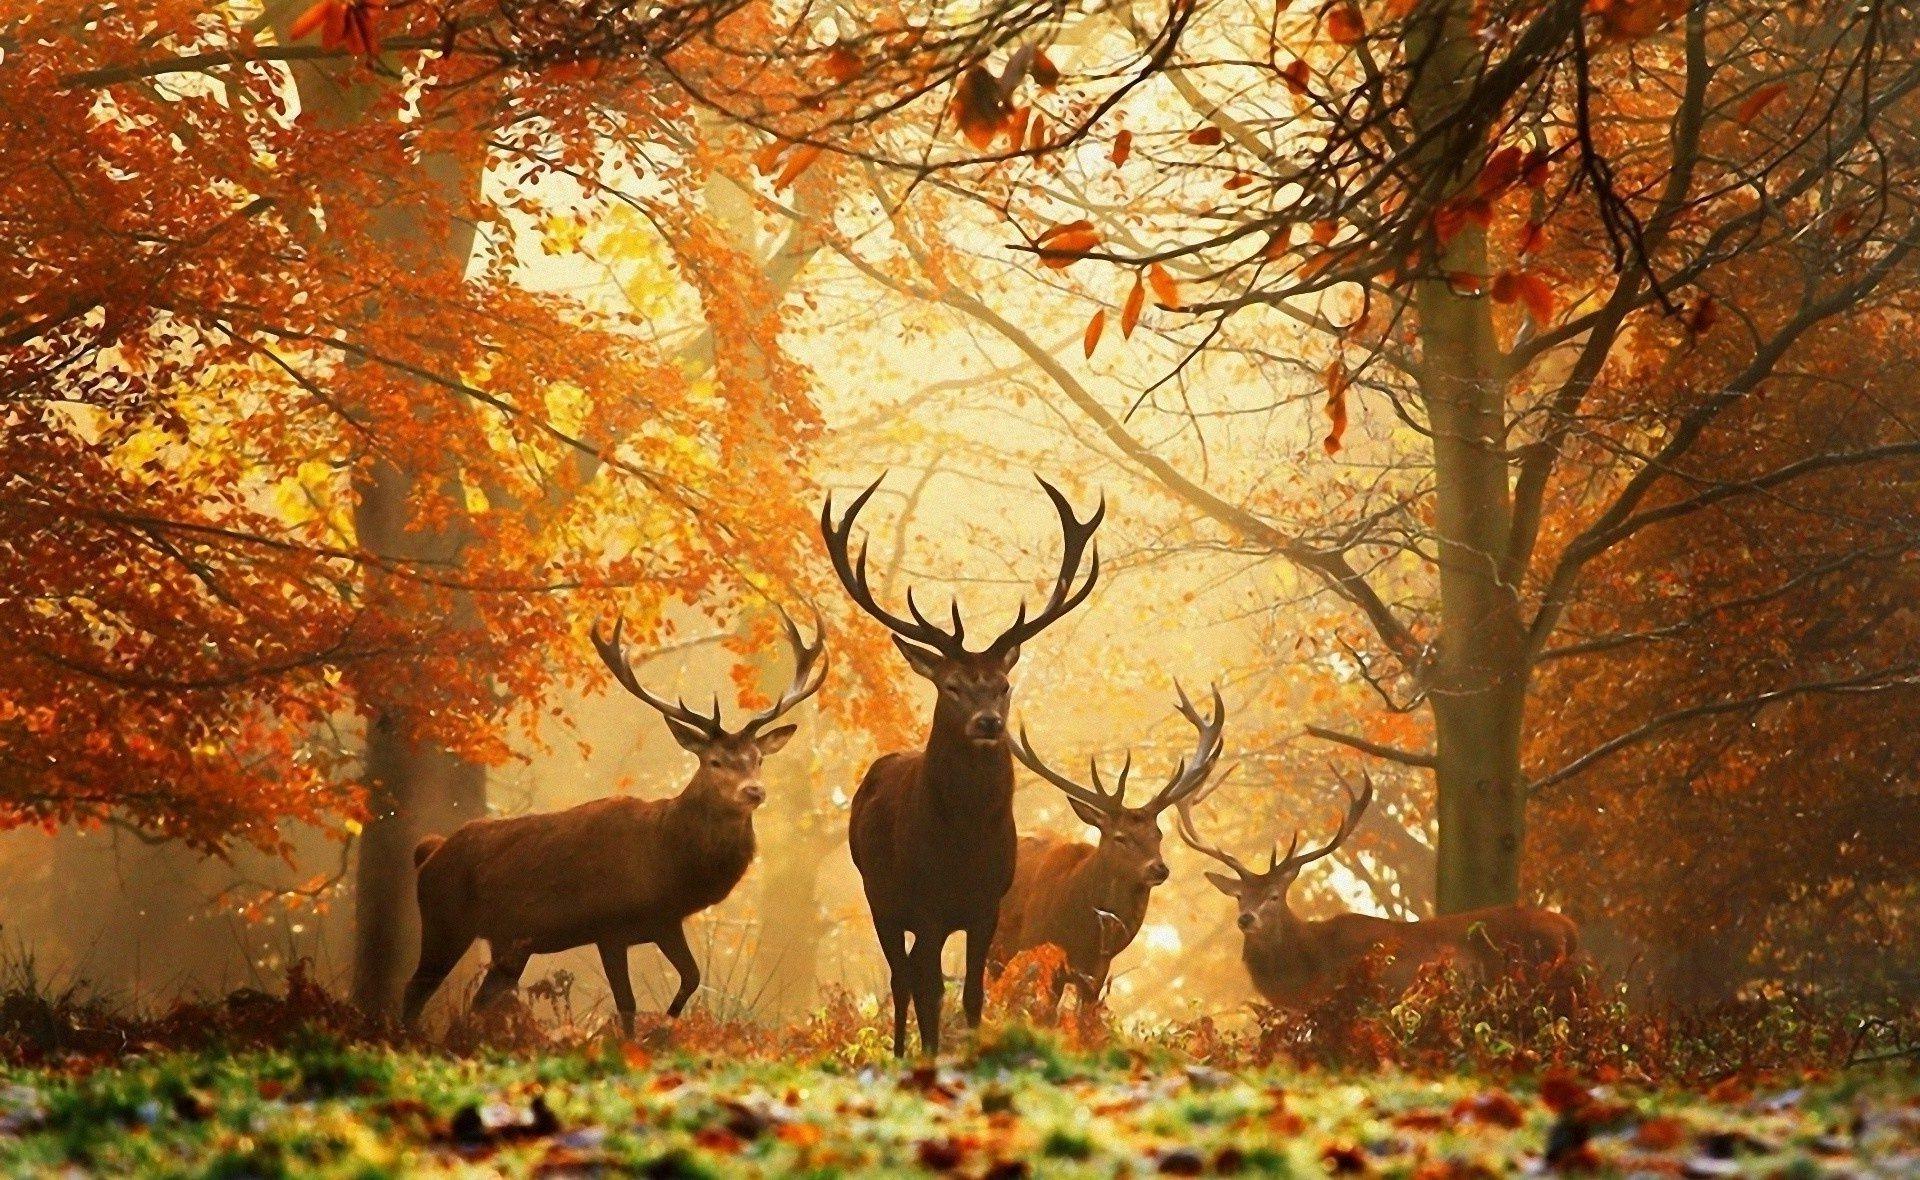 природа лес олень животное деревья бесплатно